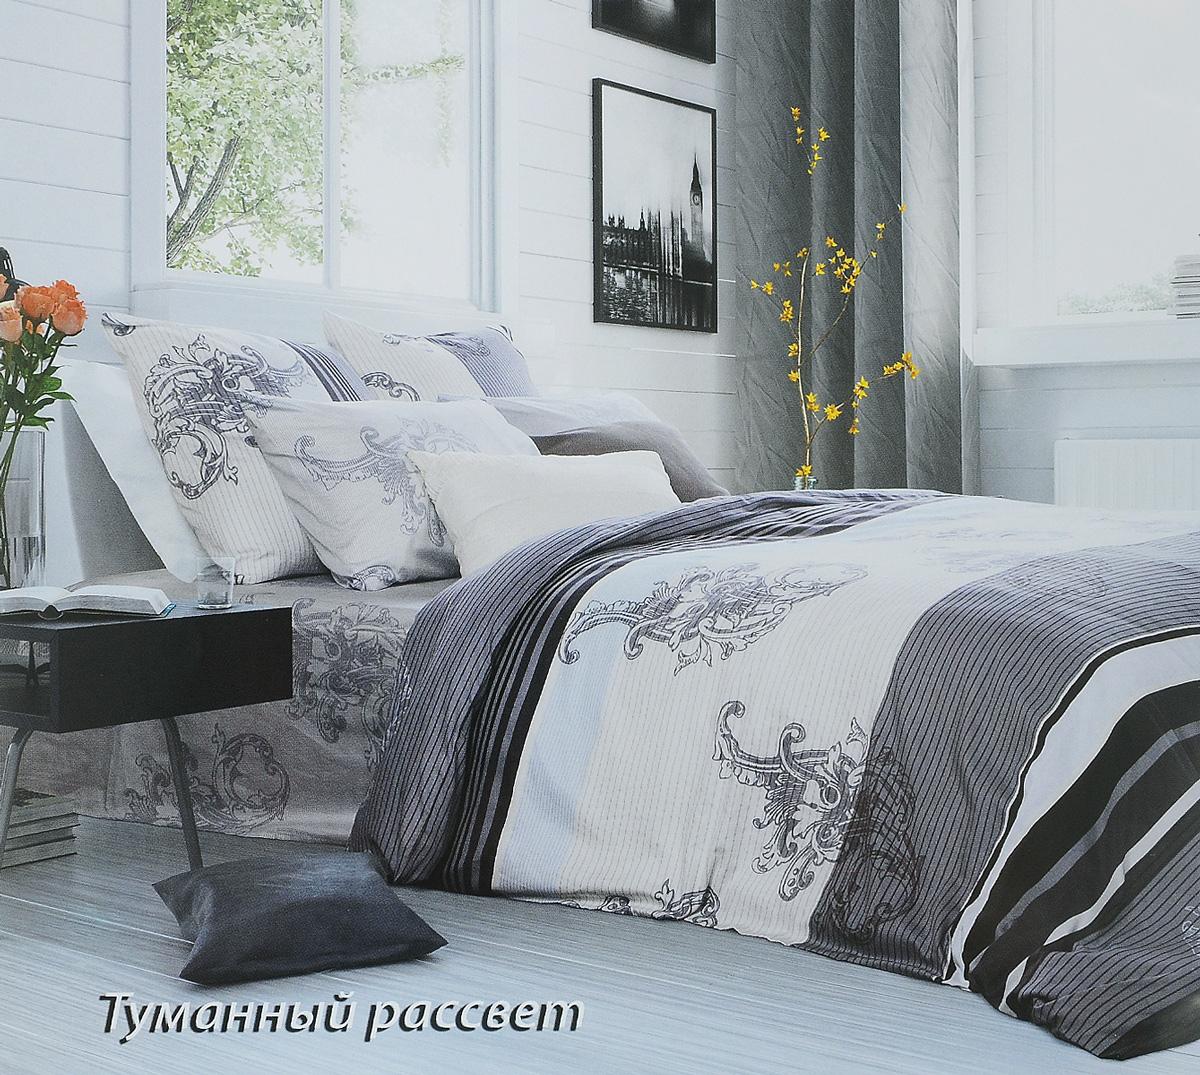 Комплект белья Tiffanys Secret Туманный рассвет, 1,5-спальный, наволочки 50х70, цвет: серый, белый2040115959Комплект постельного белья Tiffanys Secret Туманный рассвет является экологически безопасным для всей семьи, так как выполнен из сатина (100% хлопок). Комплект состоит из пододеяльника, простыни и двух наволочек. Предметы комплекта оформлены оригинальным рисунком.Благодаря такому комплекту постельного белья вы сможете создать атмосферу уюта и комфорта в вашей спальне.Сатин - это ткань, навсегда покорившая сердца человечества. Ценившие роскошь персы называли ее атлас, а искушенные в прекрасном французы - сатин. Секрет высококачественного сатина в безупречности всего технологического процесса. Эту благородную ткань делают только из отборной натуральной пряжи, которую получают из самого лучшего тонковолокнистого хлопка. Благодаря использованию самой тонкой хлопковой нити получается необычайно мягкое и нежное полотно. Сатиновое постельное белье превращает жаркие летние ночи в прохладные и освежающие, а холодные зимние - в теплые и согревающие. Сатин очень приятен на ощупь, постельное белье из него долговечно, выдерживает более 300 стирок, и лишь спустя долгое время материал начинает немного тускнеть. Оцените все достоинства постельного белья из сатина, выбирая самое лучшее для себя!